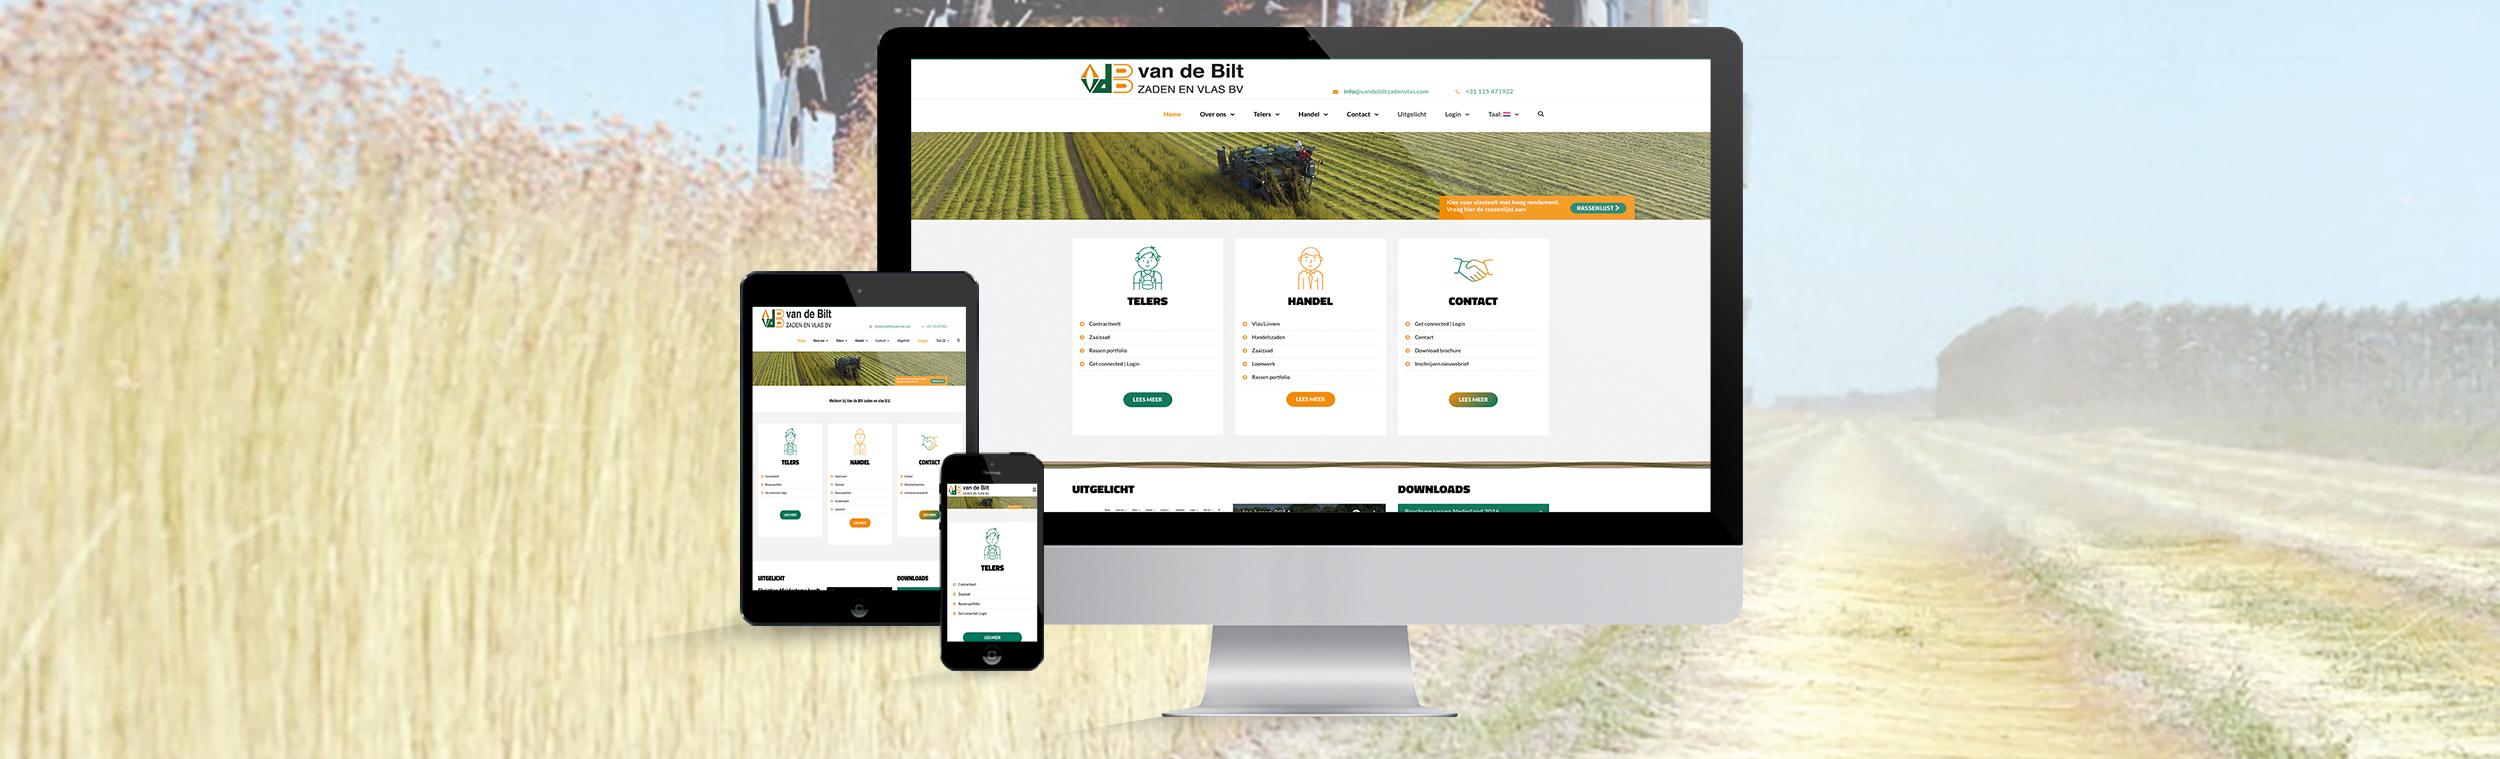 portfolio-van-de-bilt-website